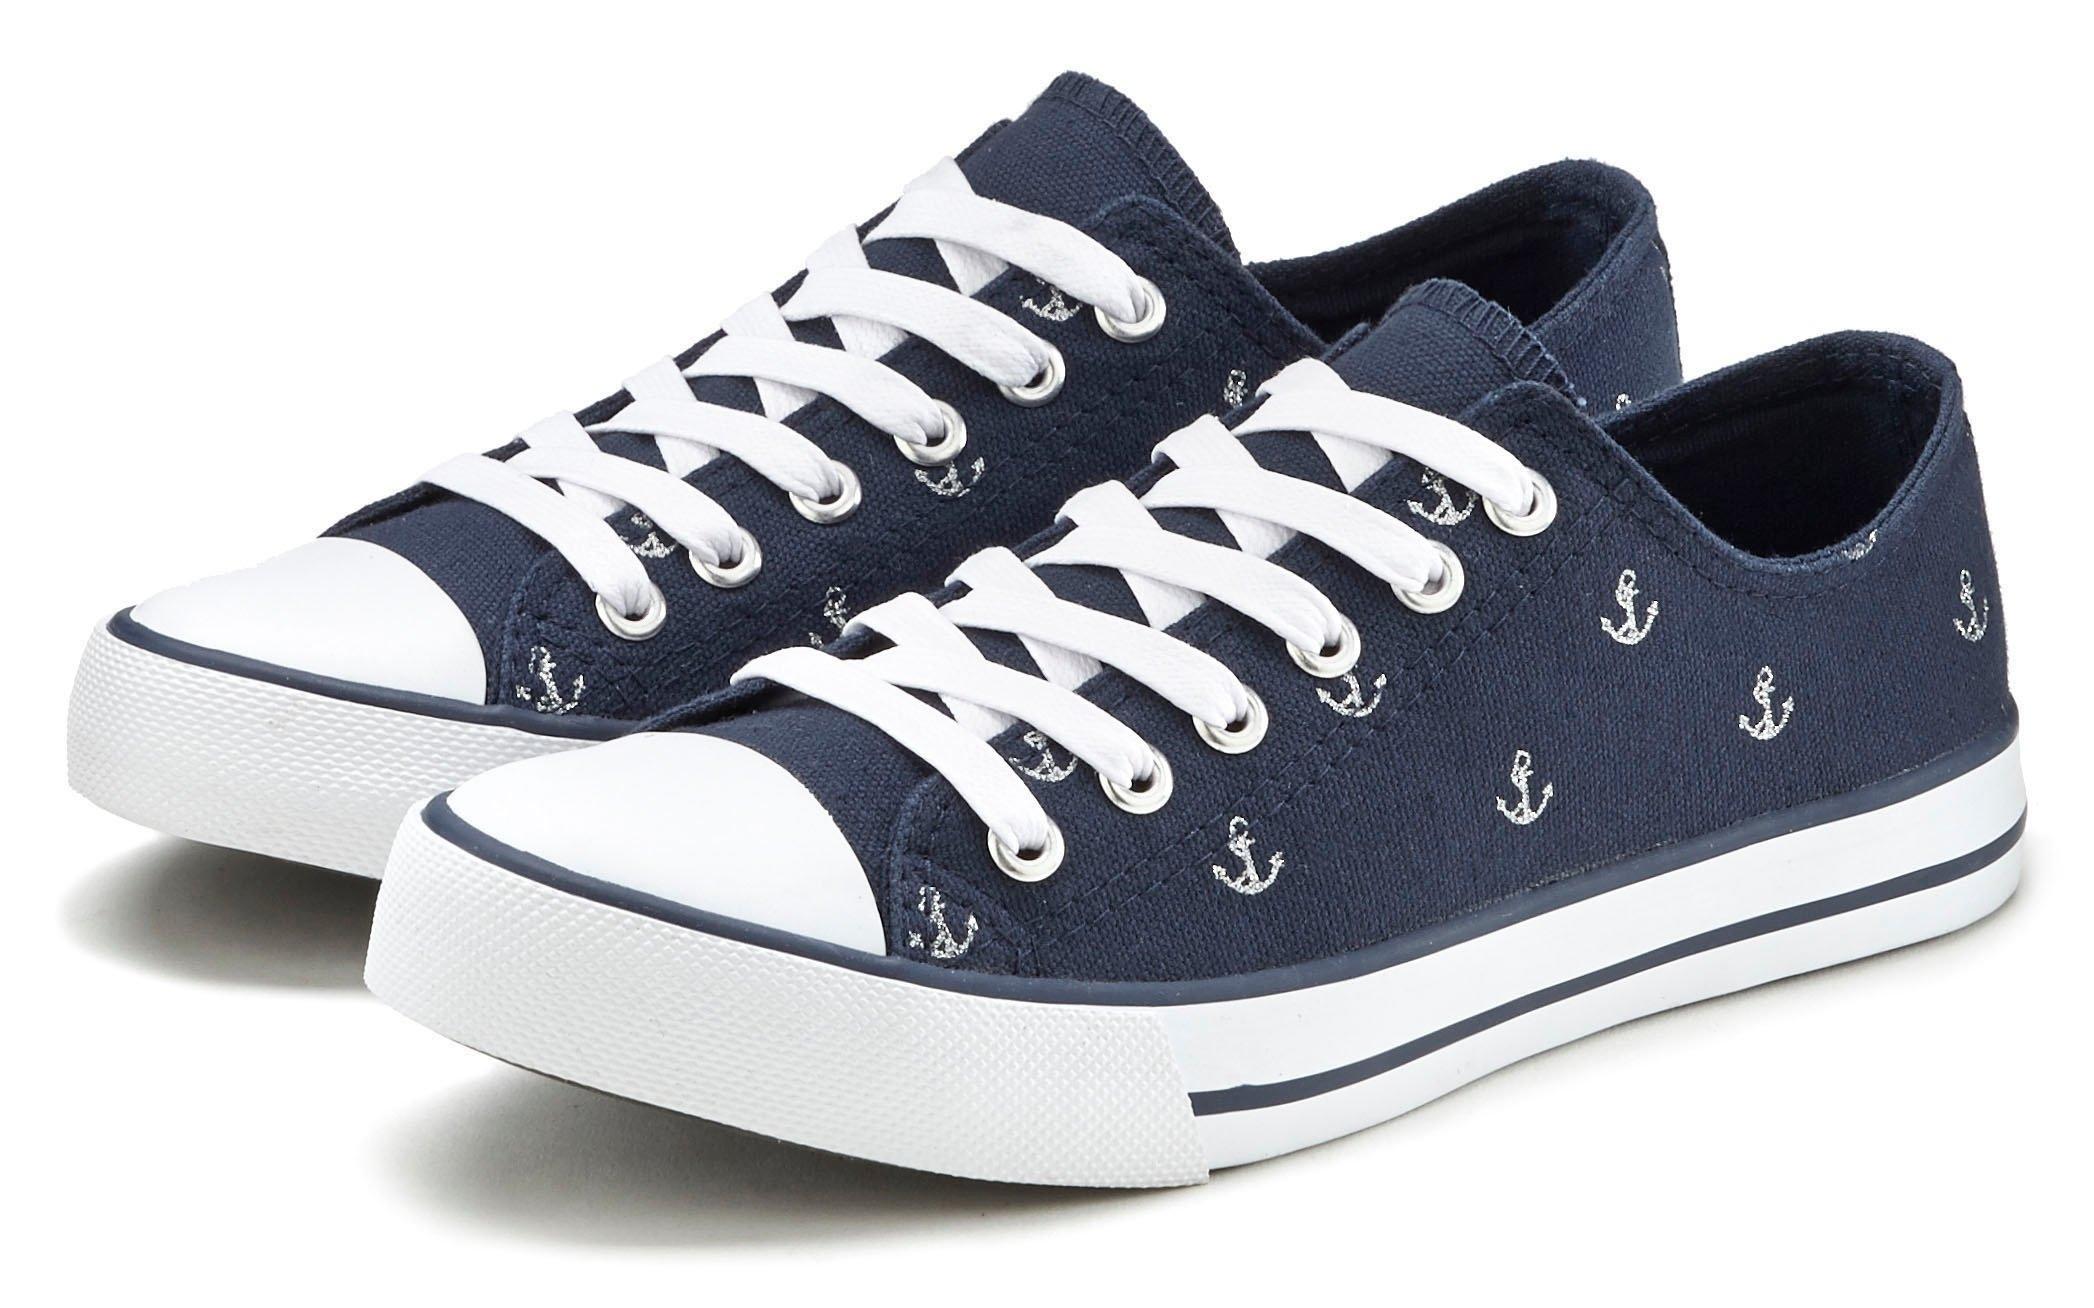 LASCANA sneakers bestellen: 30 dagen bedenktijd